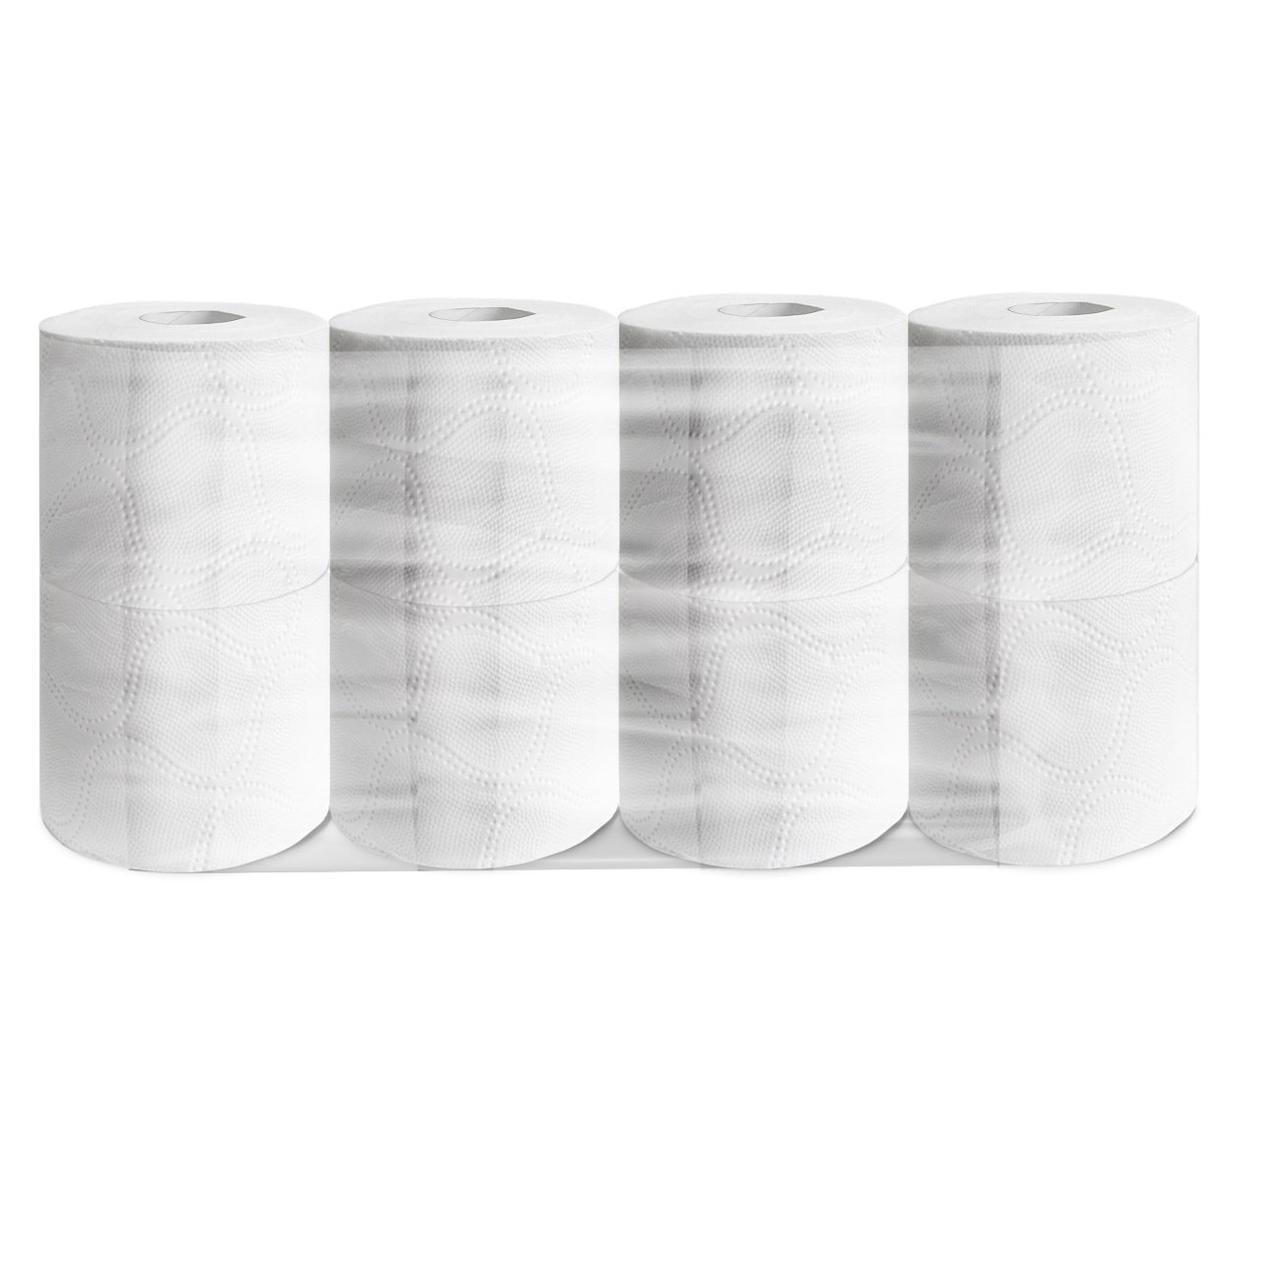 Бумага туалетная 3сл. 8шт. Veiro Professional Premium, 20м, 160лист/рул, бел., целлюлоза, 8 шт